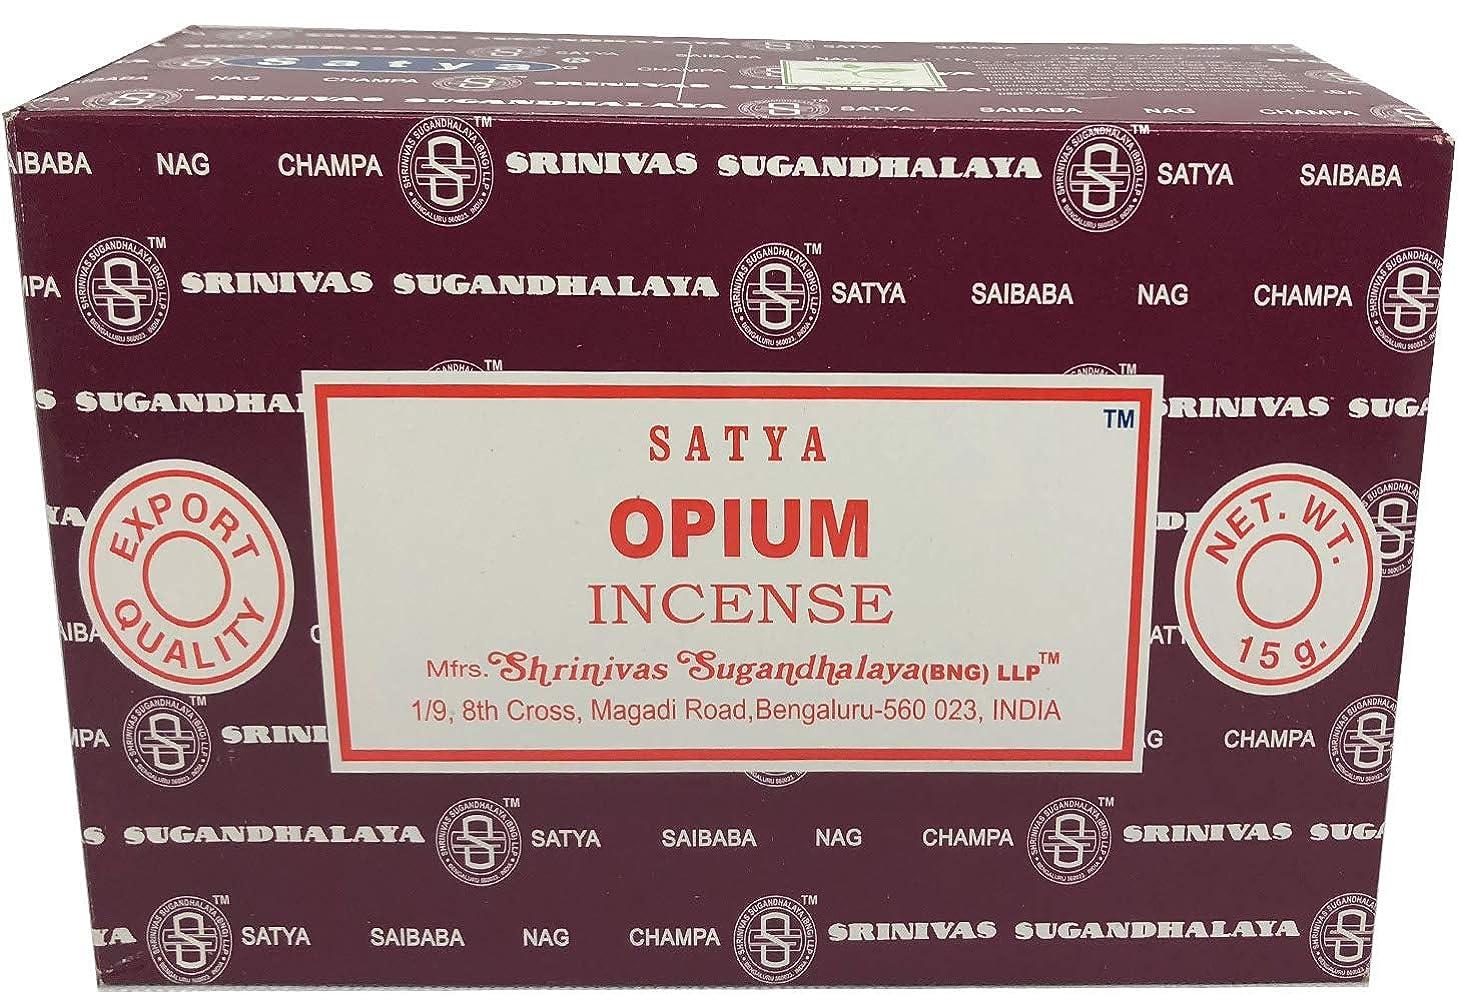 絶望曲線家庭Satya Sai Baba Nag Champa - オピウム お香スティック ボックス - 12個パック (15グラム)